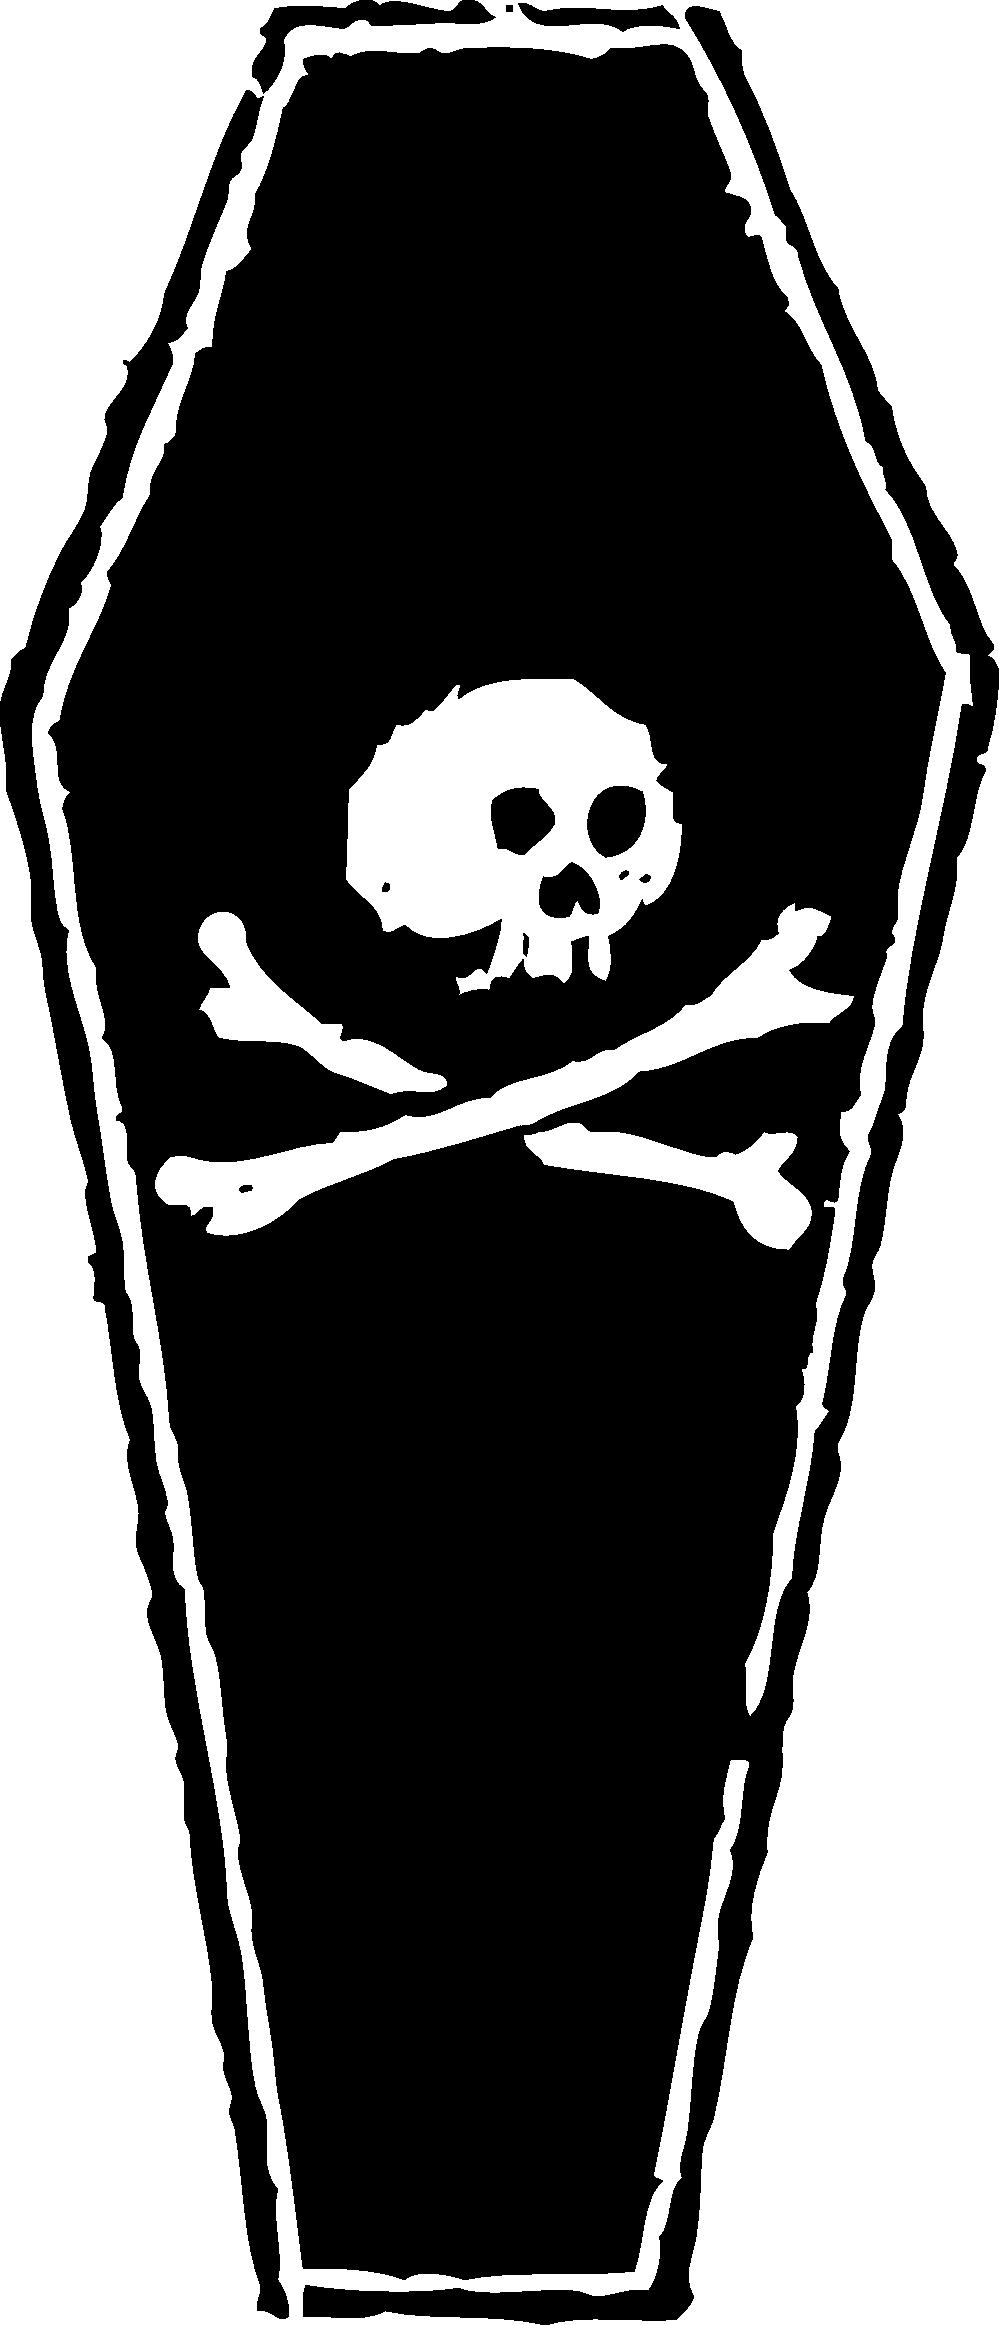 Coffin clipart vector. Clipartist net clip art